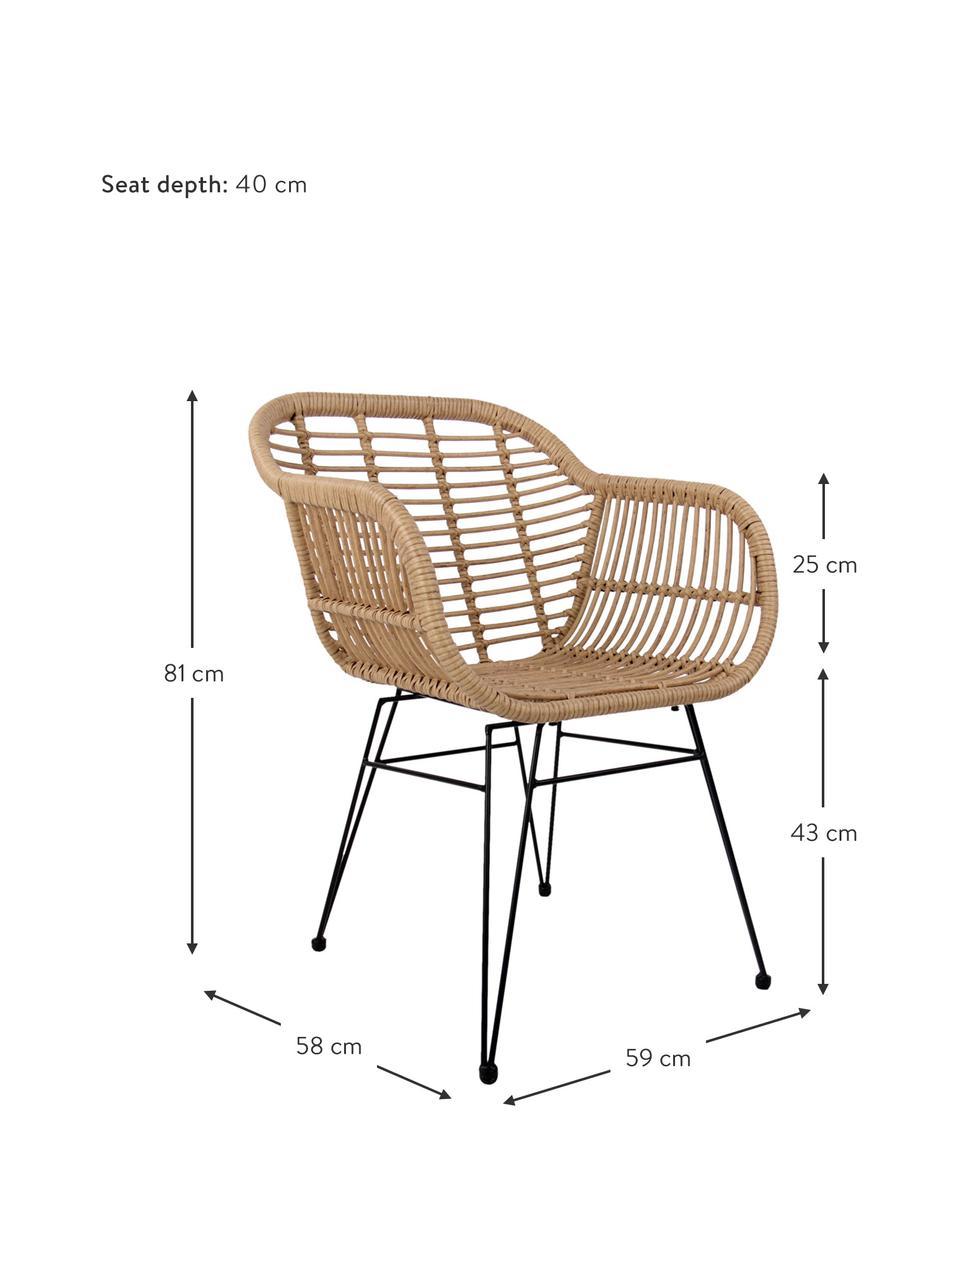 Sedia intrecciata con braccioli Costa 2 pz, Seduta: intreccio in polietilene, Struttura: metallo verniciato a polv, Marrone chiaro, nero, Larg. 59 x Prof. 58 cm